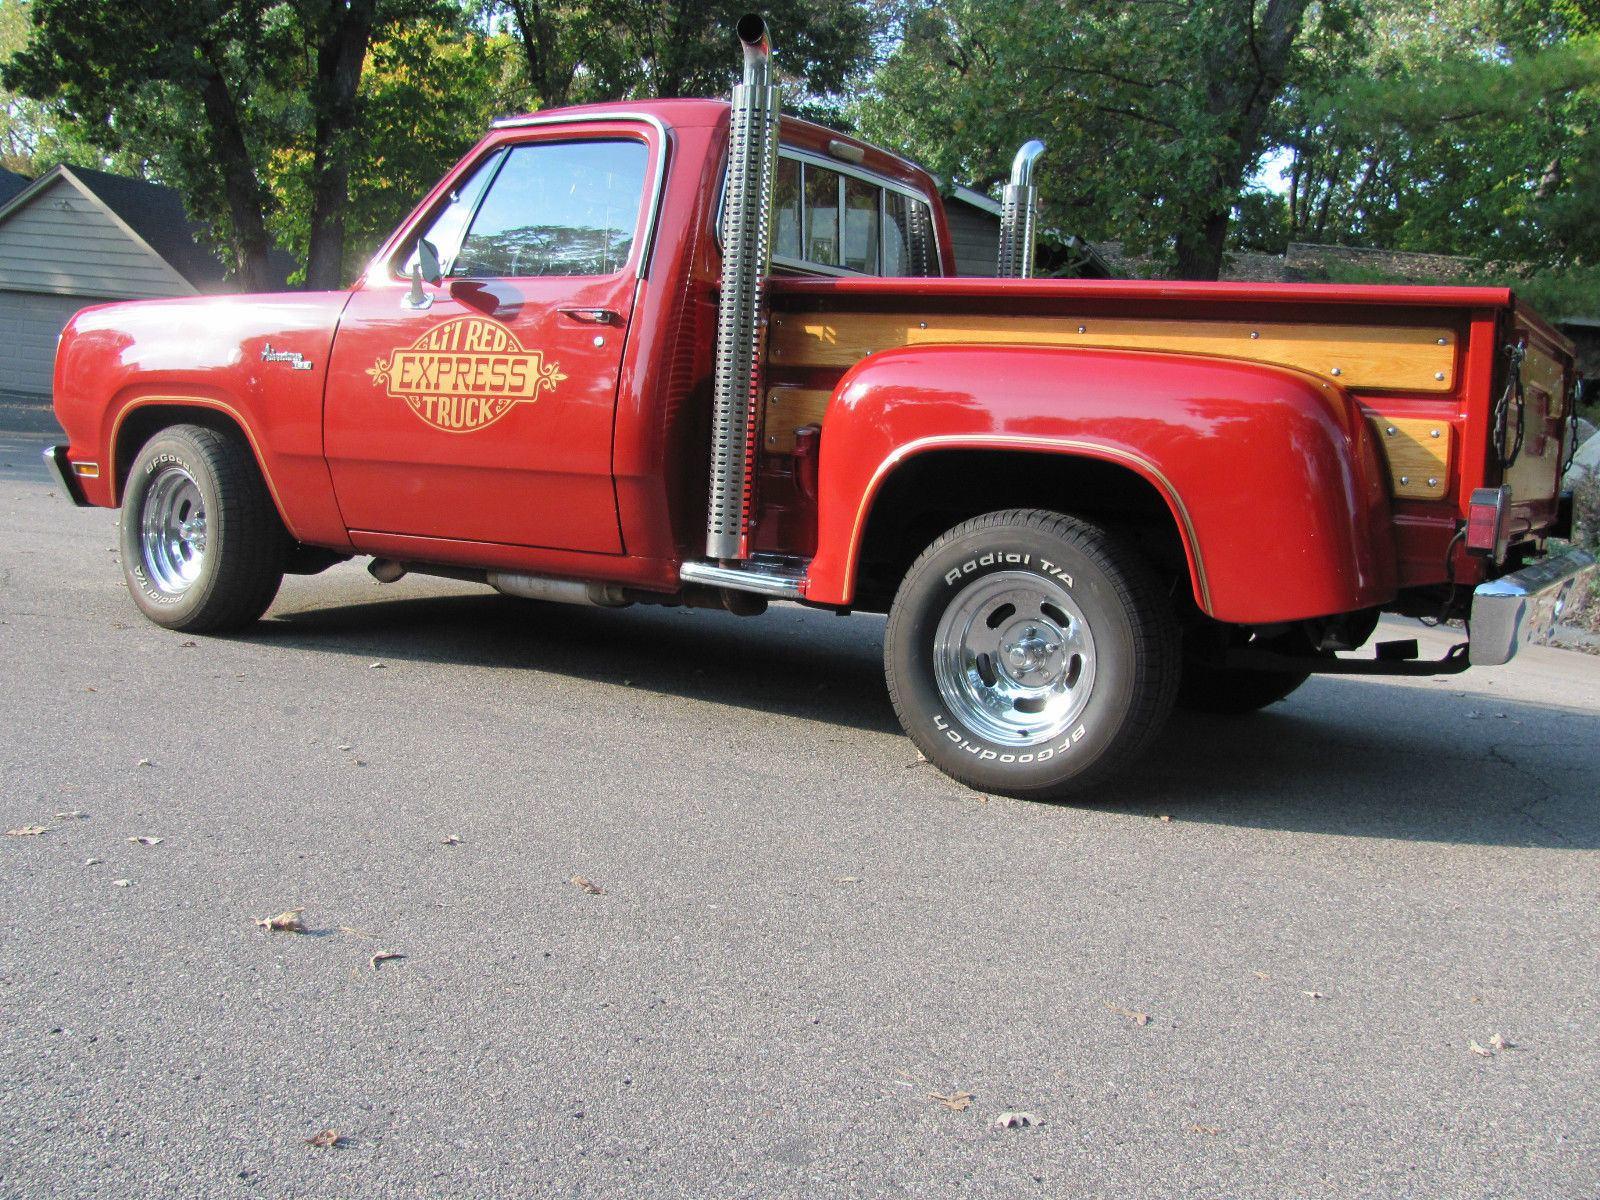 1979 dodge pickup little red express truck magazine cars for sale 2015. Black Bedroom Furniture Sets. Home Design Ideas